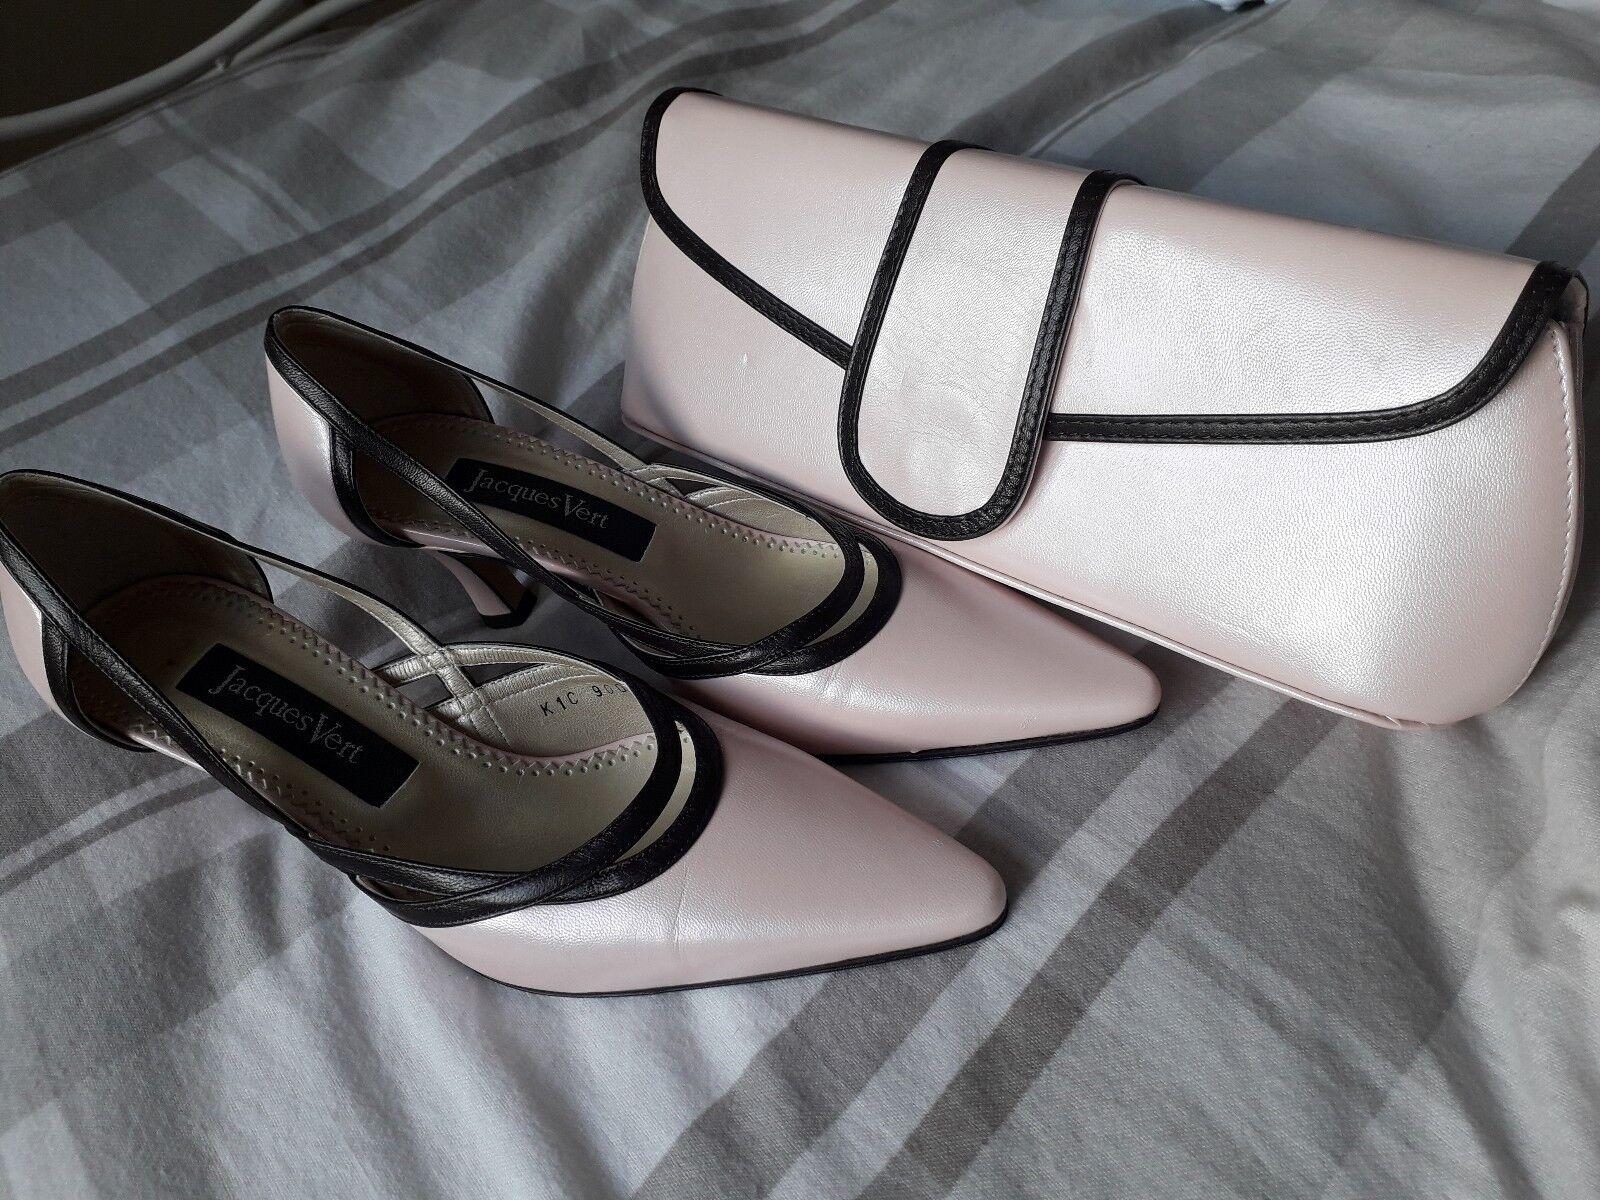 Jacques verde en rosado rosado rosado Zapatos Con Ribete Marrón Y Bolsa De Embrague que empareja  venta